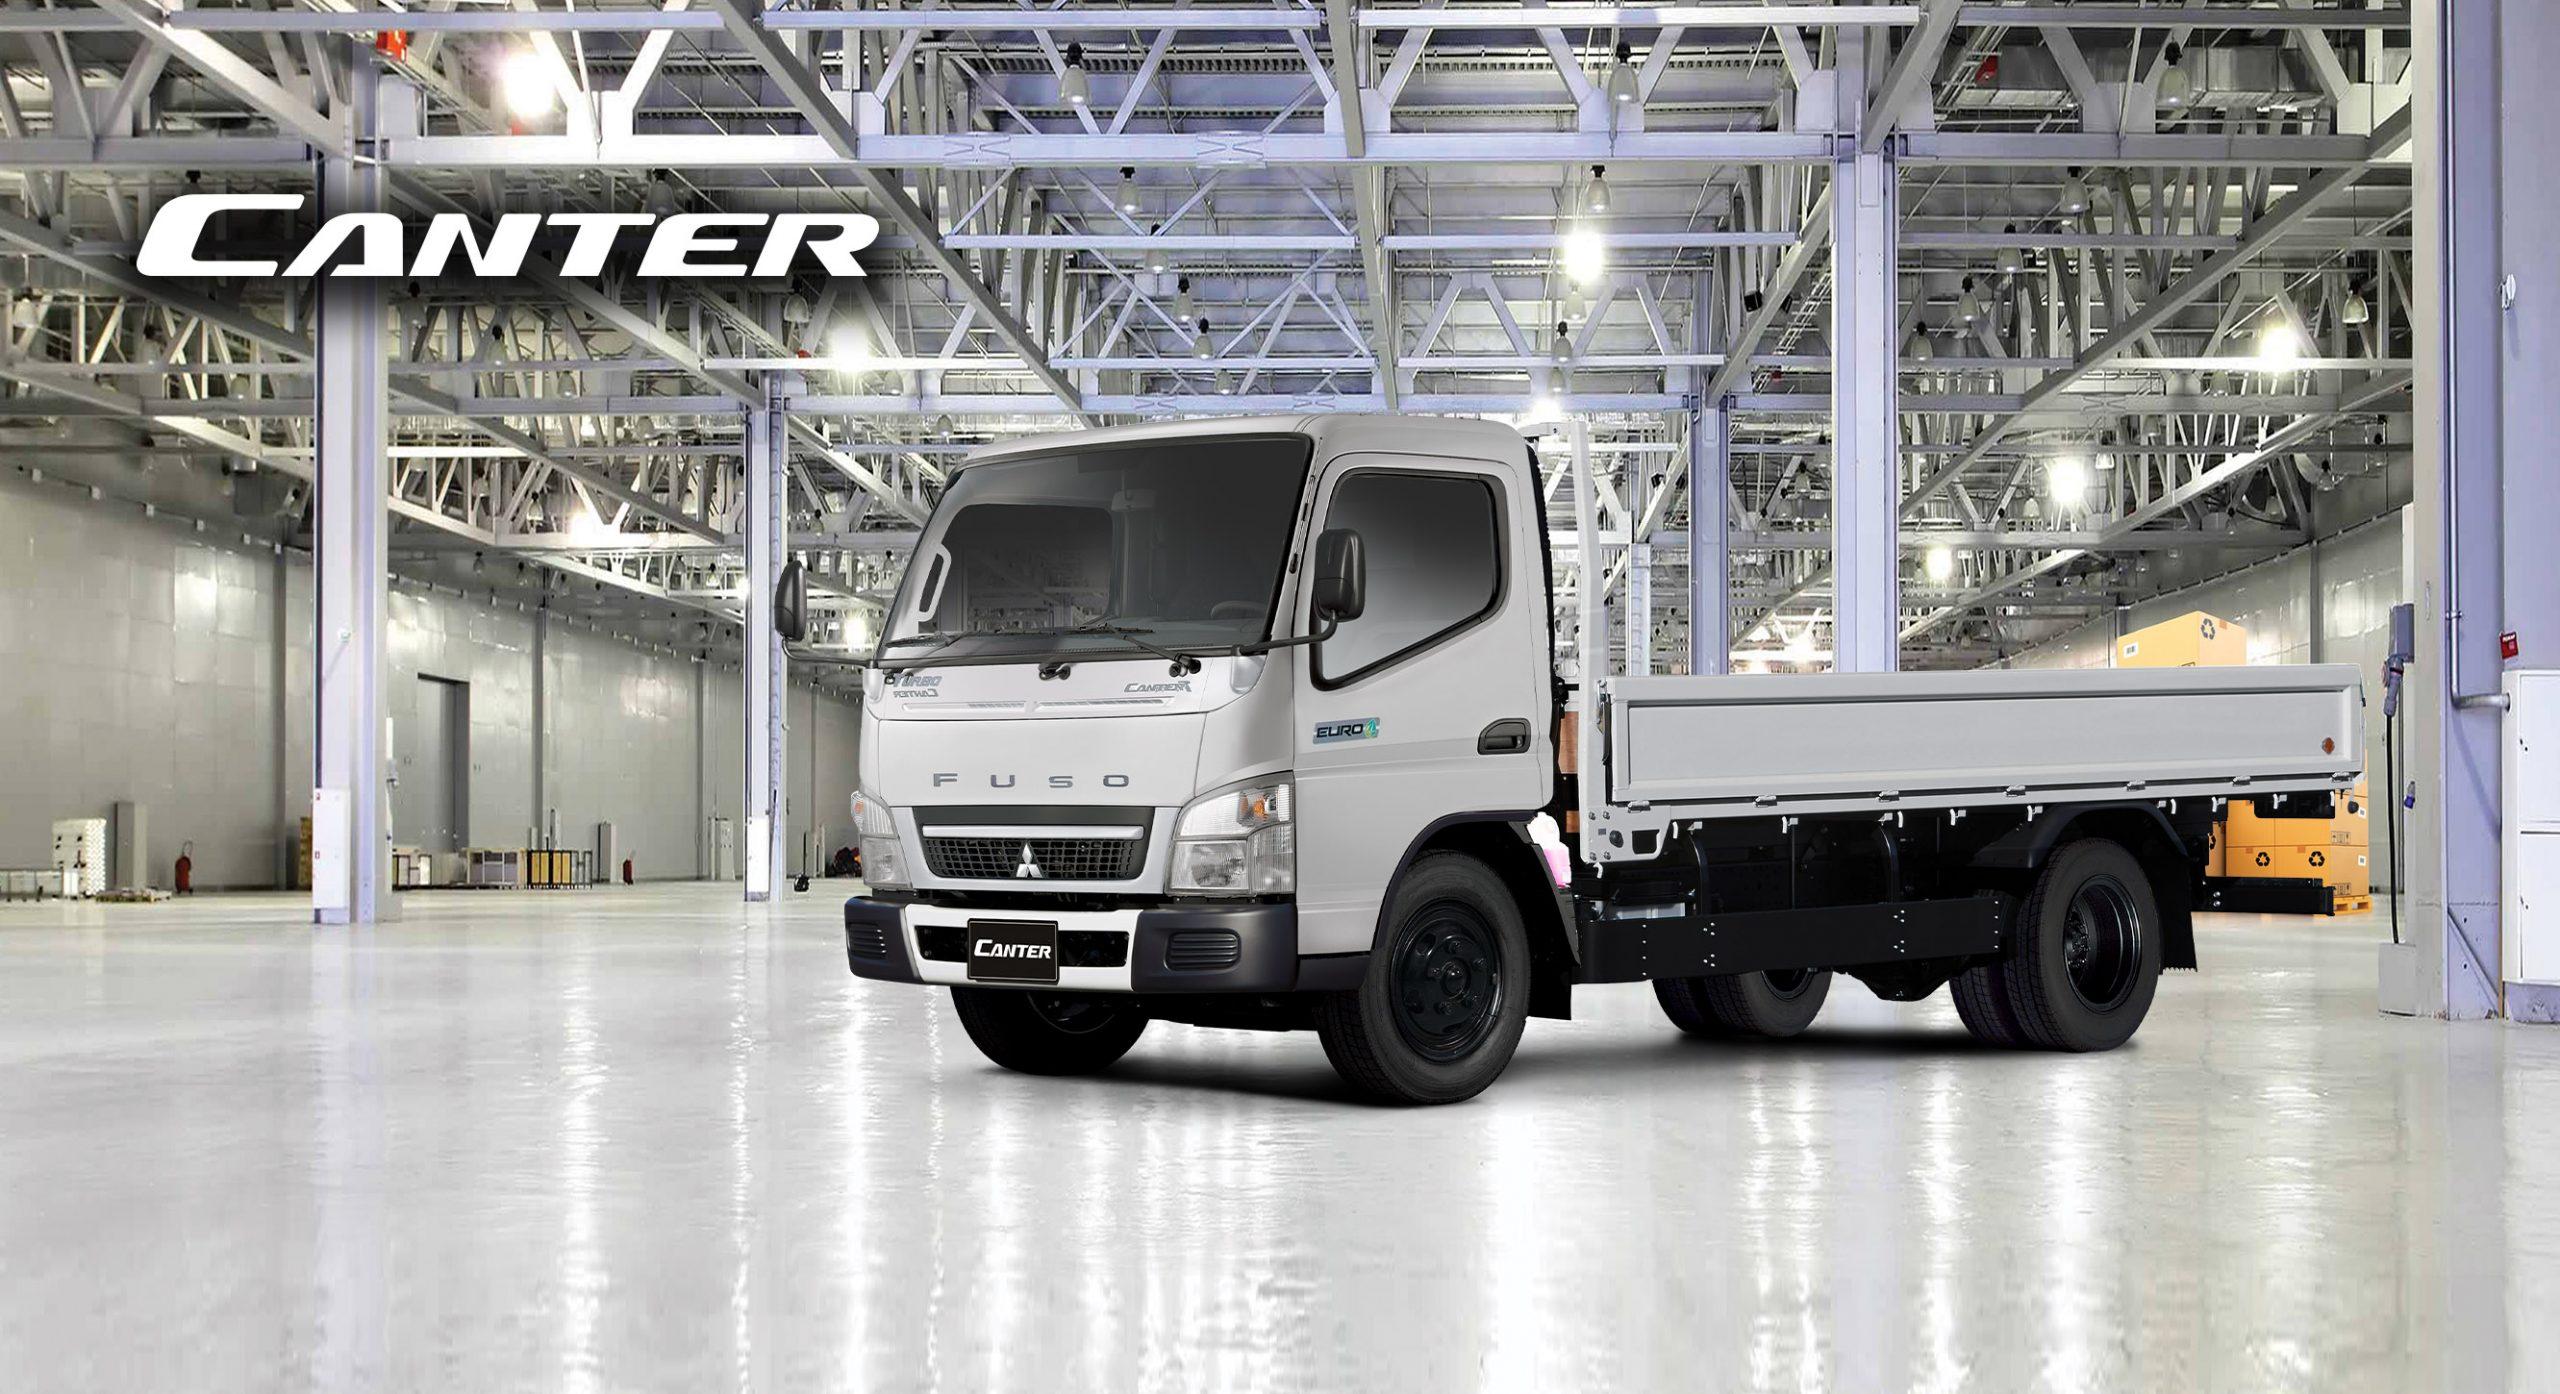 Canter FE73 Model Banner